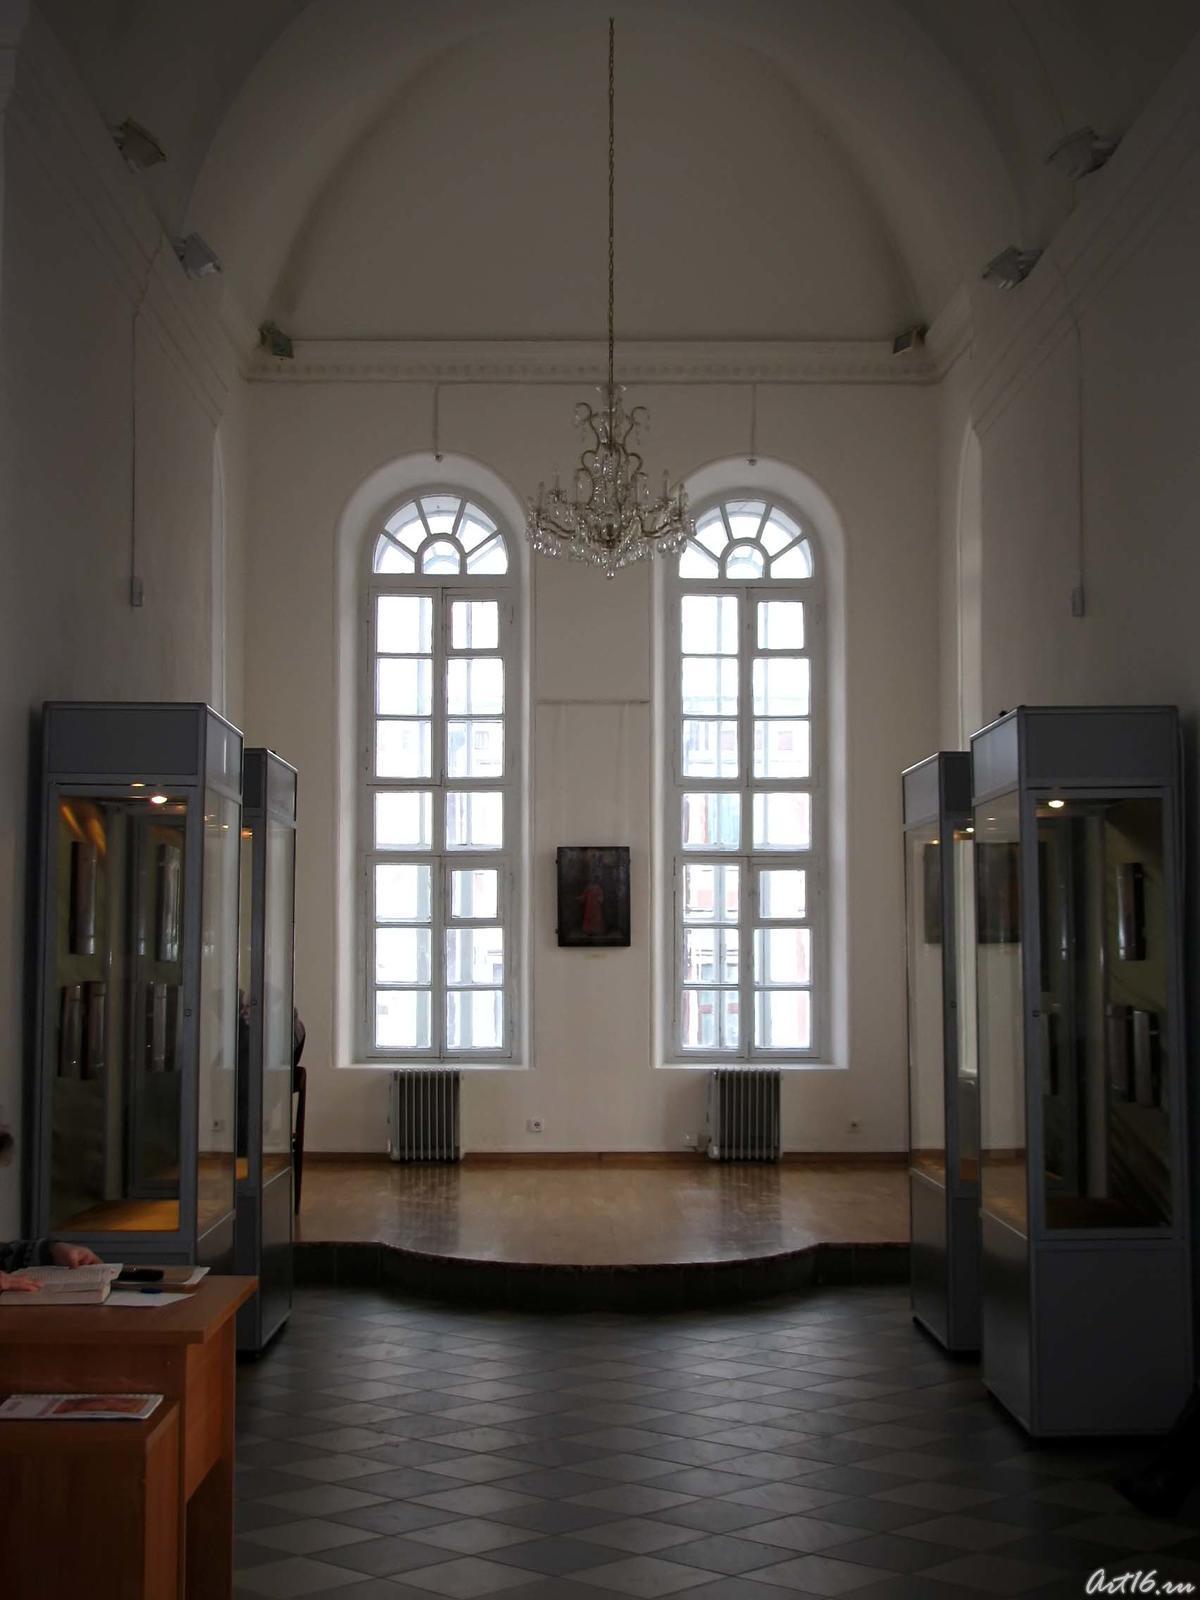 Фото №42891. На выставке икон в колокольне Богоявленской церкви